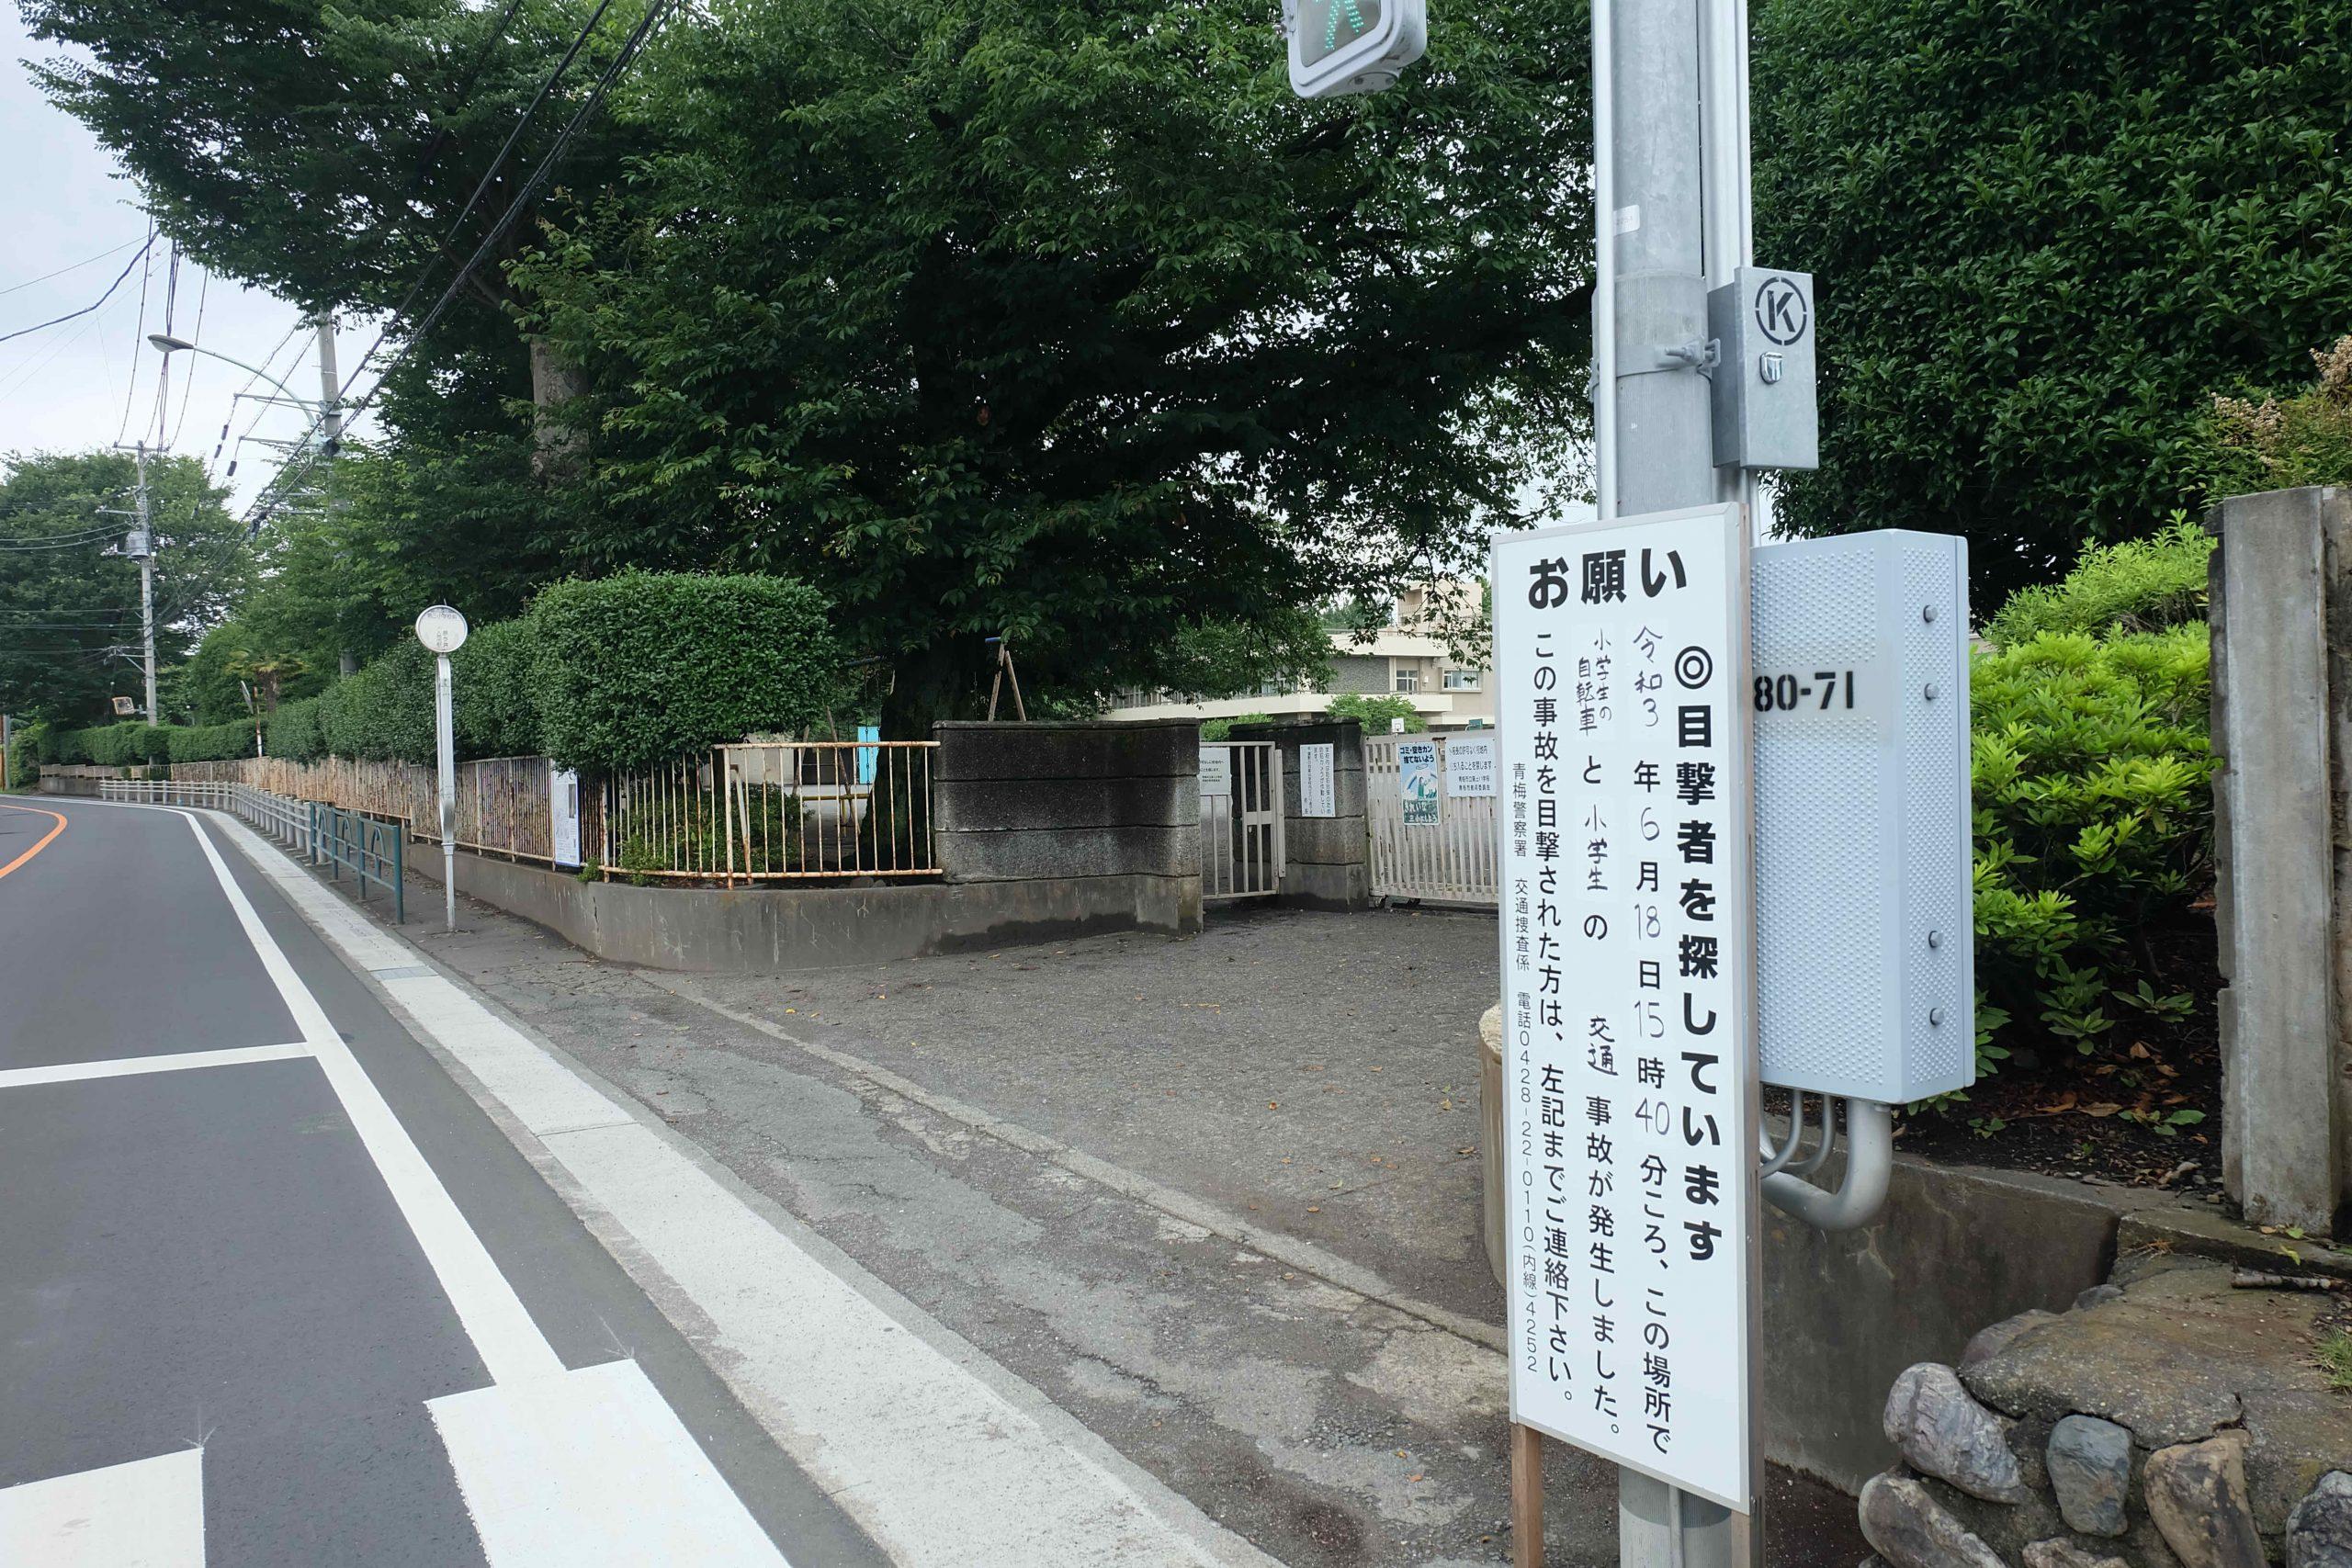 自転車ひき逃げ事故の抑止力は運転者のアレ!?  話題の東京都条例って何?